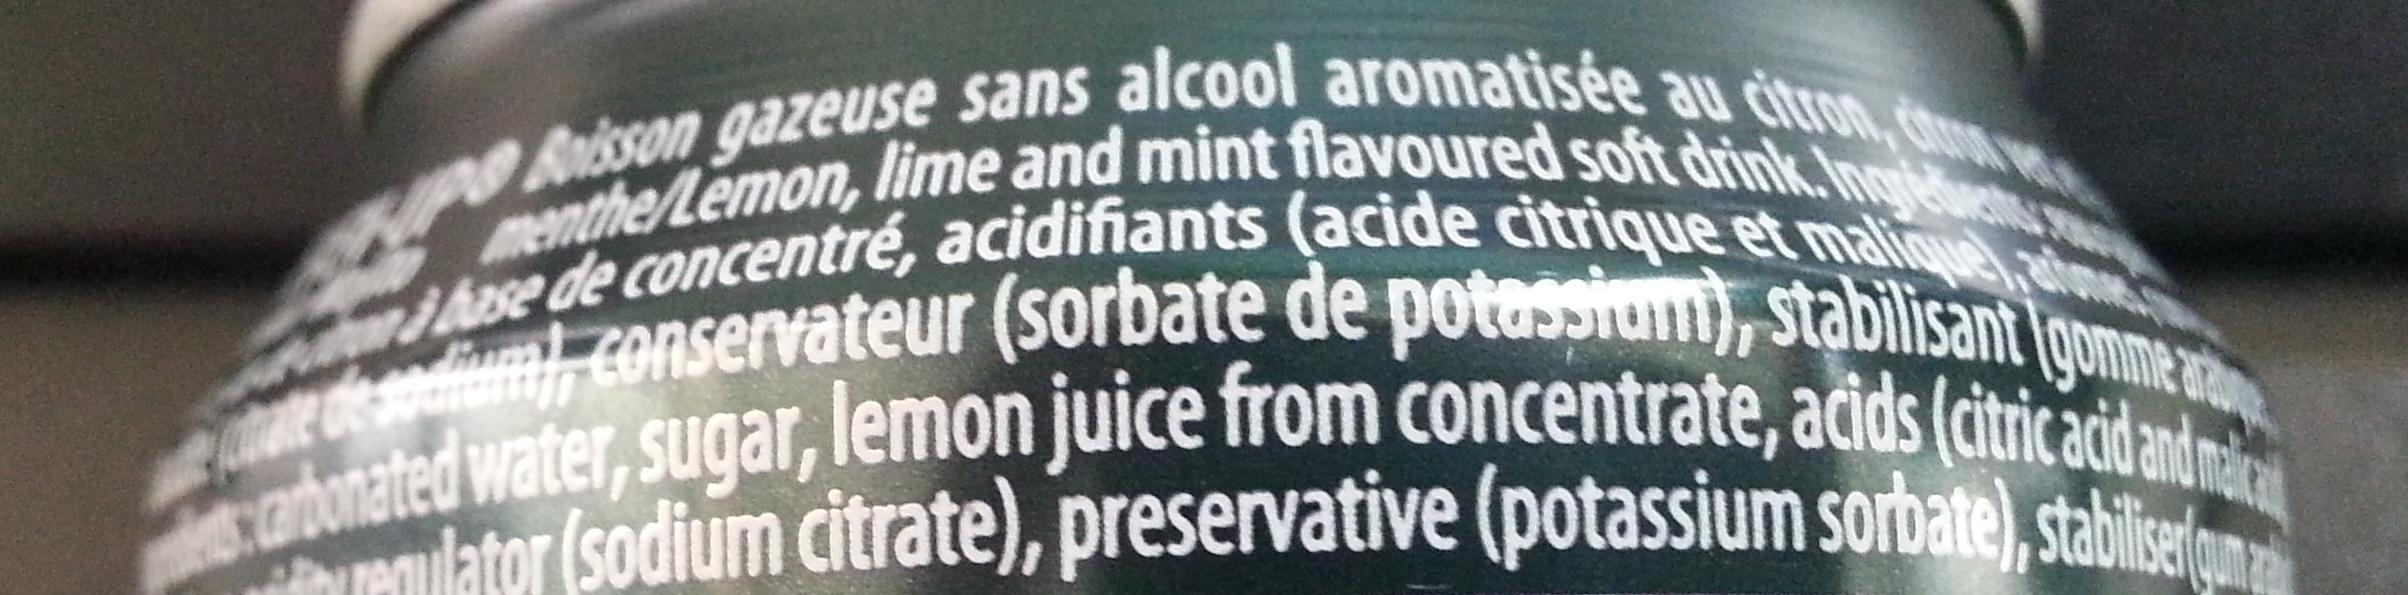 7up saveur Mojito - Ingrediënten